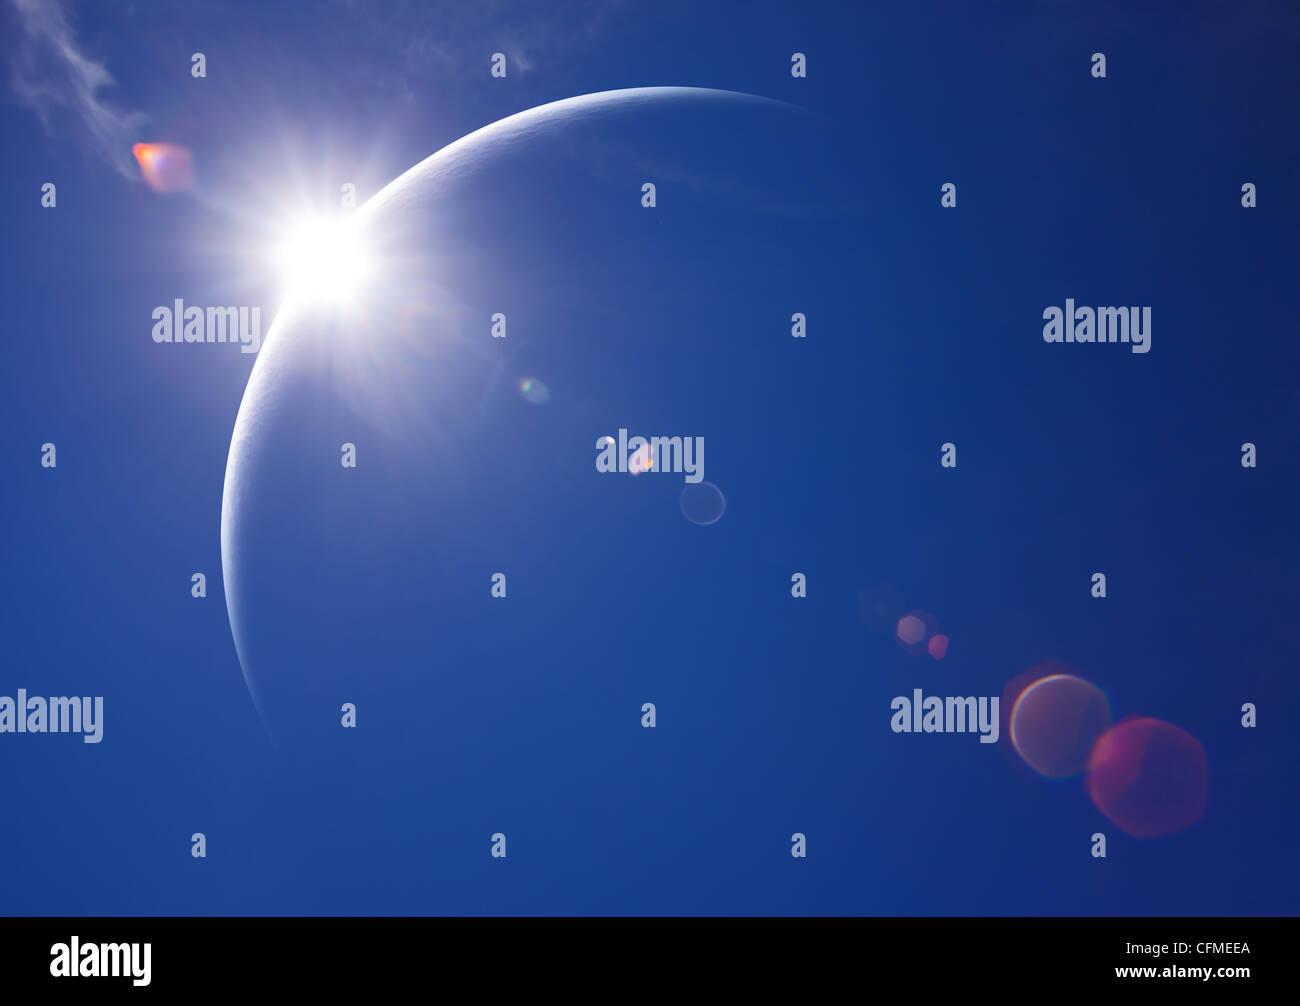 Parziale eclissi solare con cielo blu e lens flare (arte digitale) Immagini Stock